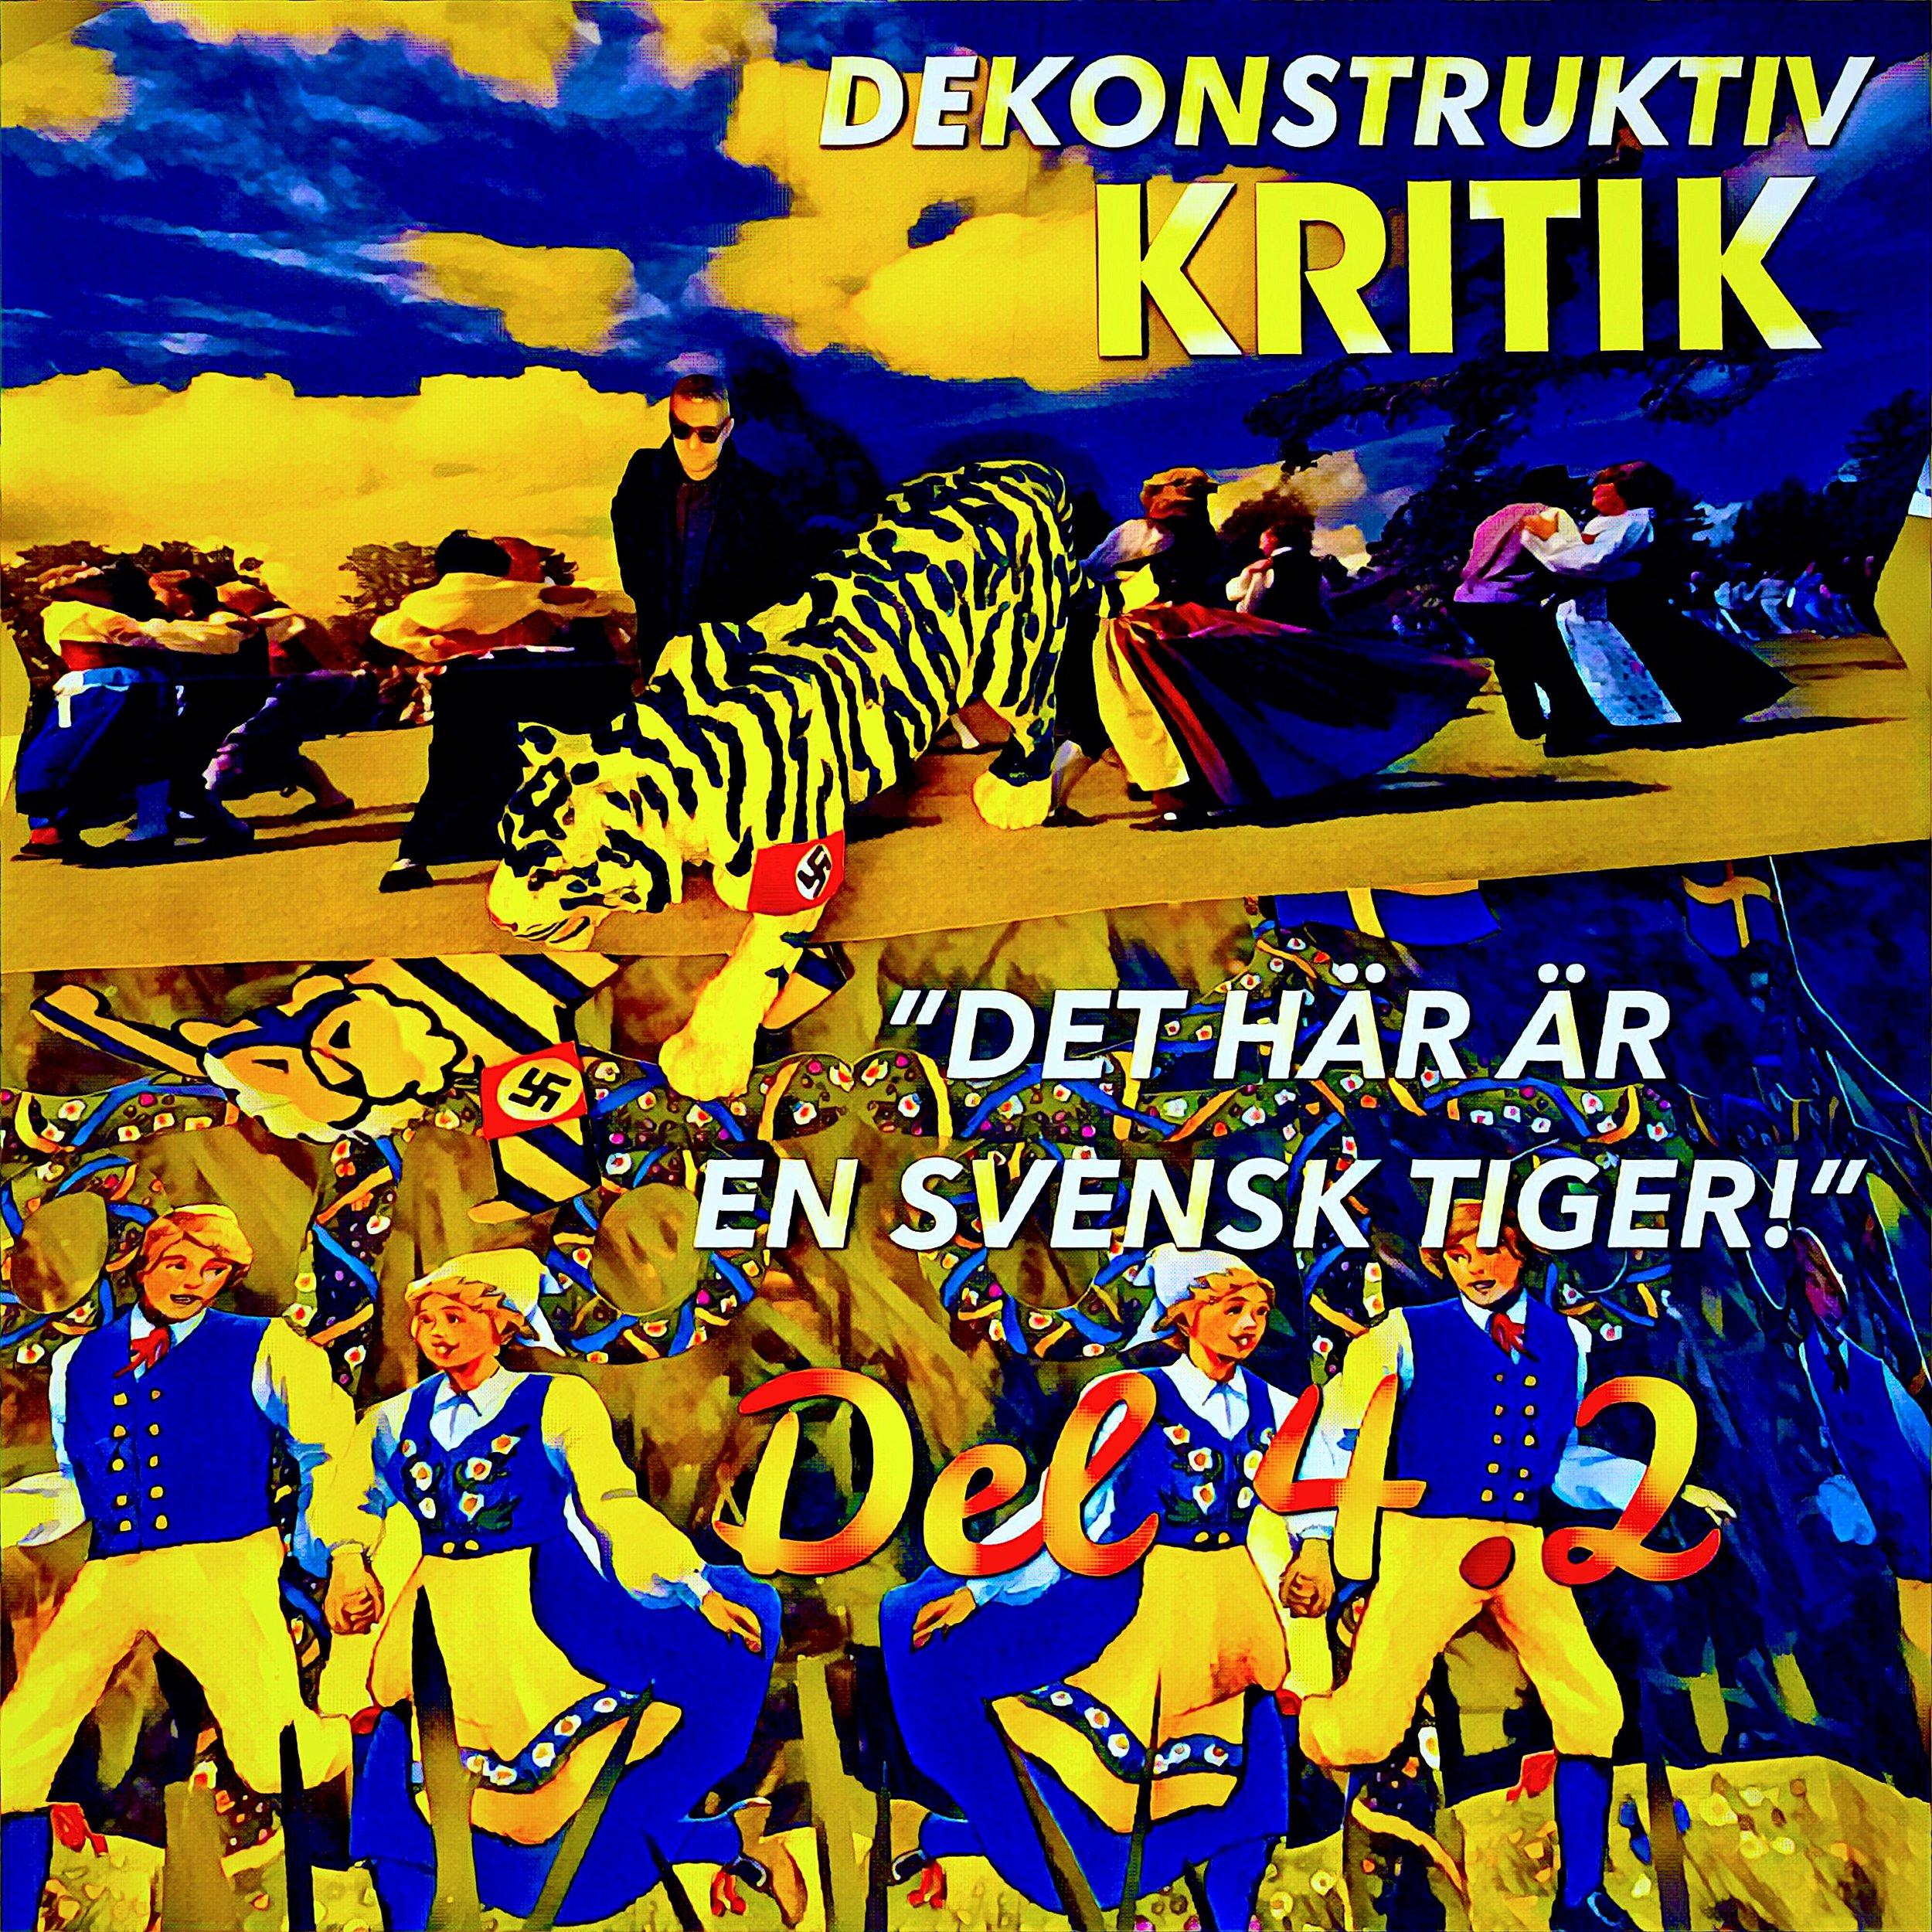 Den svenska tigern och ,mini-Aron på midsommarfirande 2018.